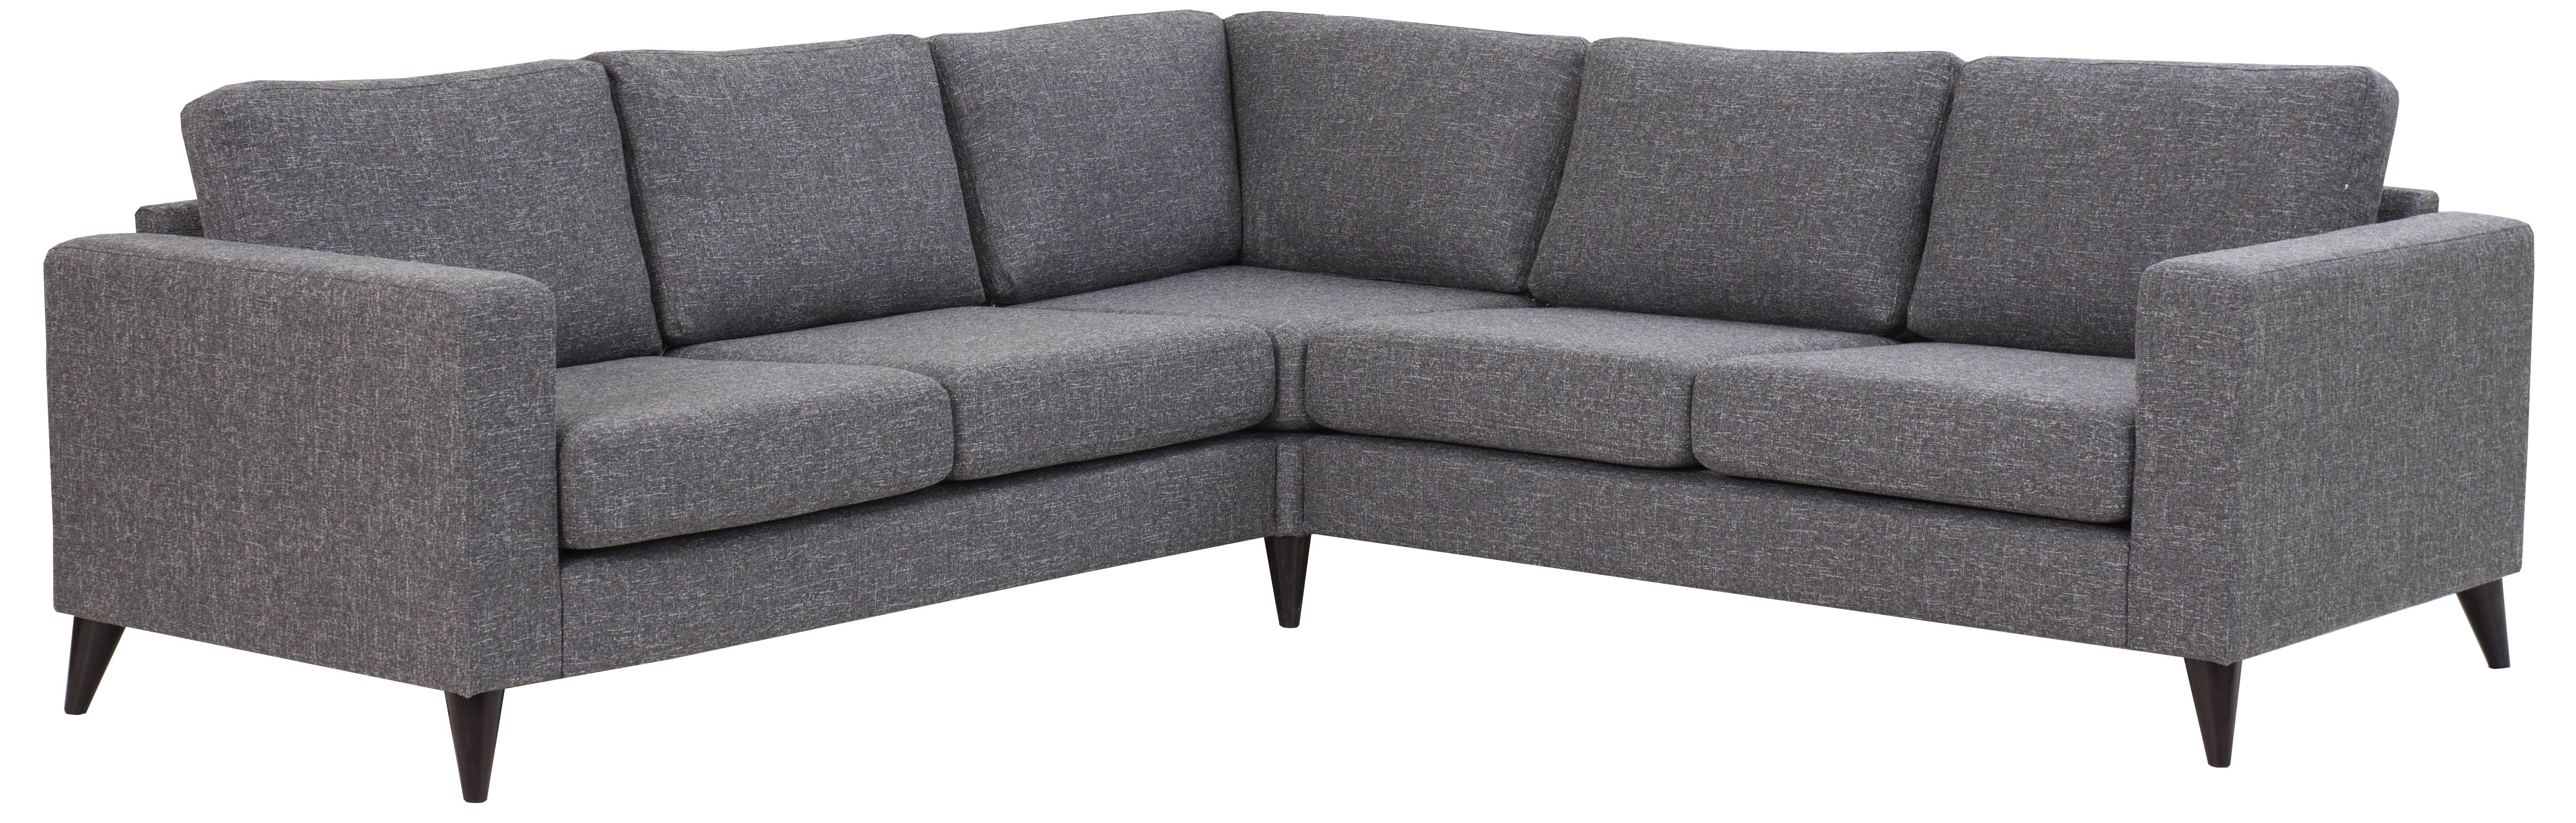 Угловой диван Рим 2ДУ фото